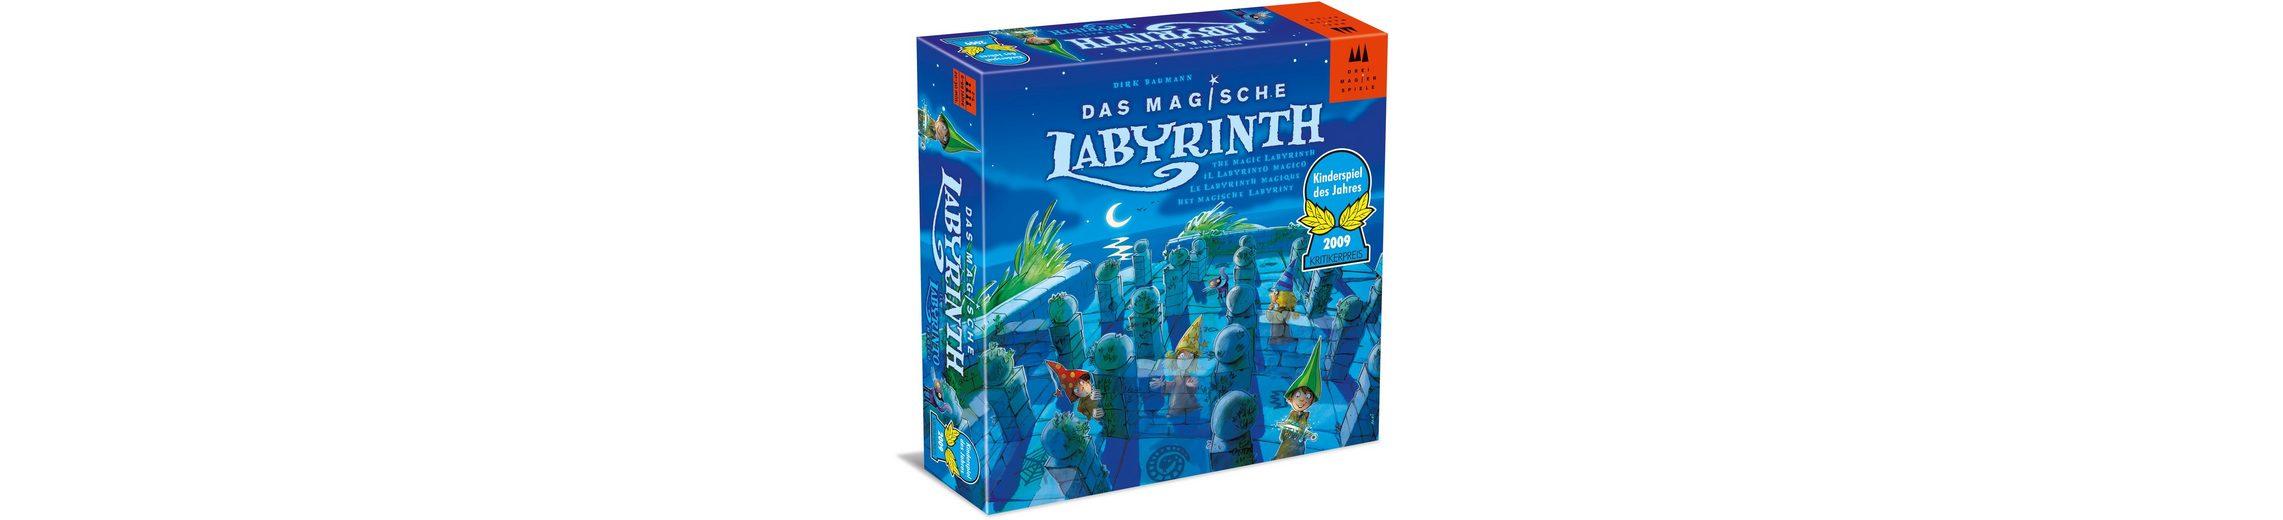 Schmidt Spiele Brettspiel, »Das magische Labyrinth«